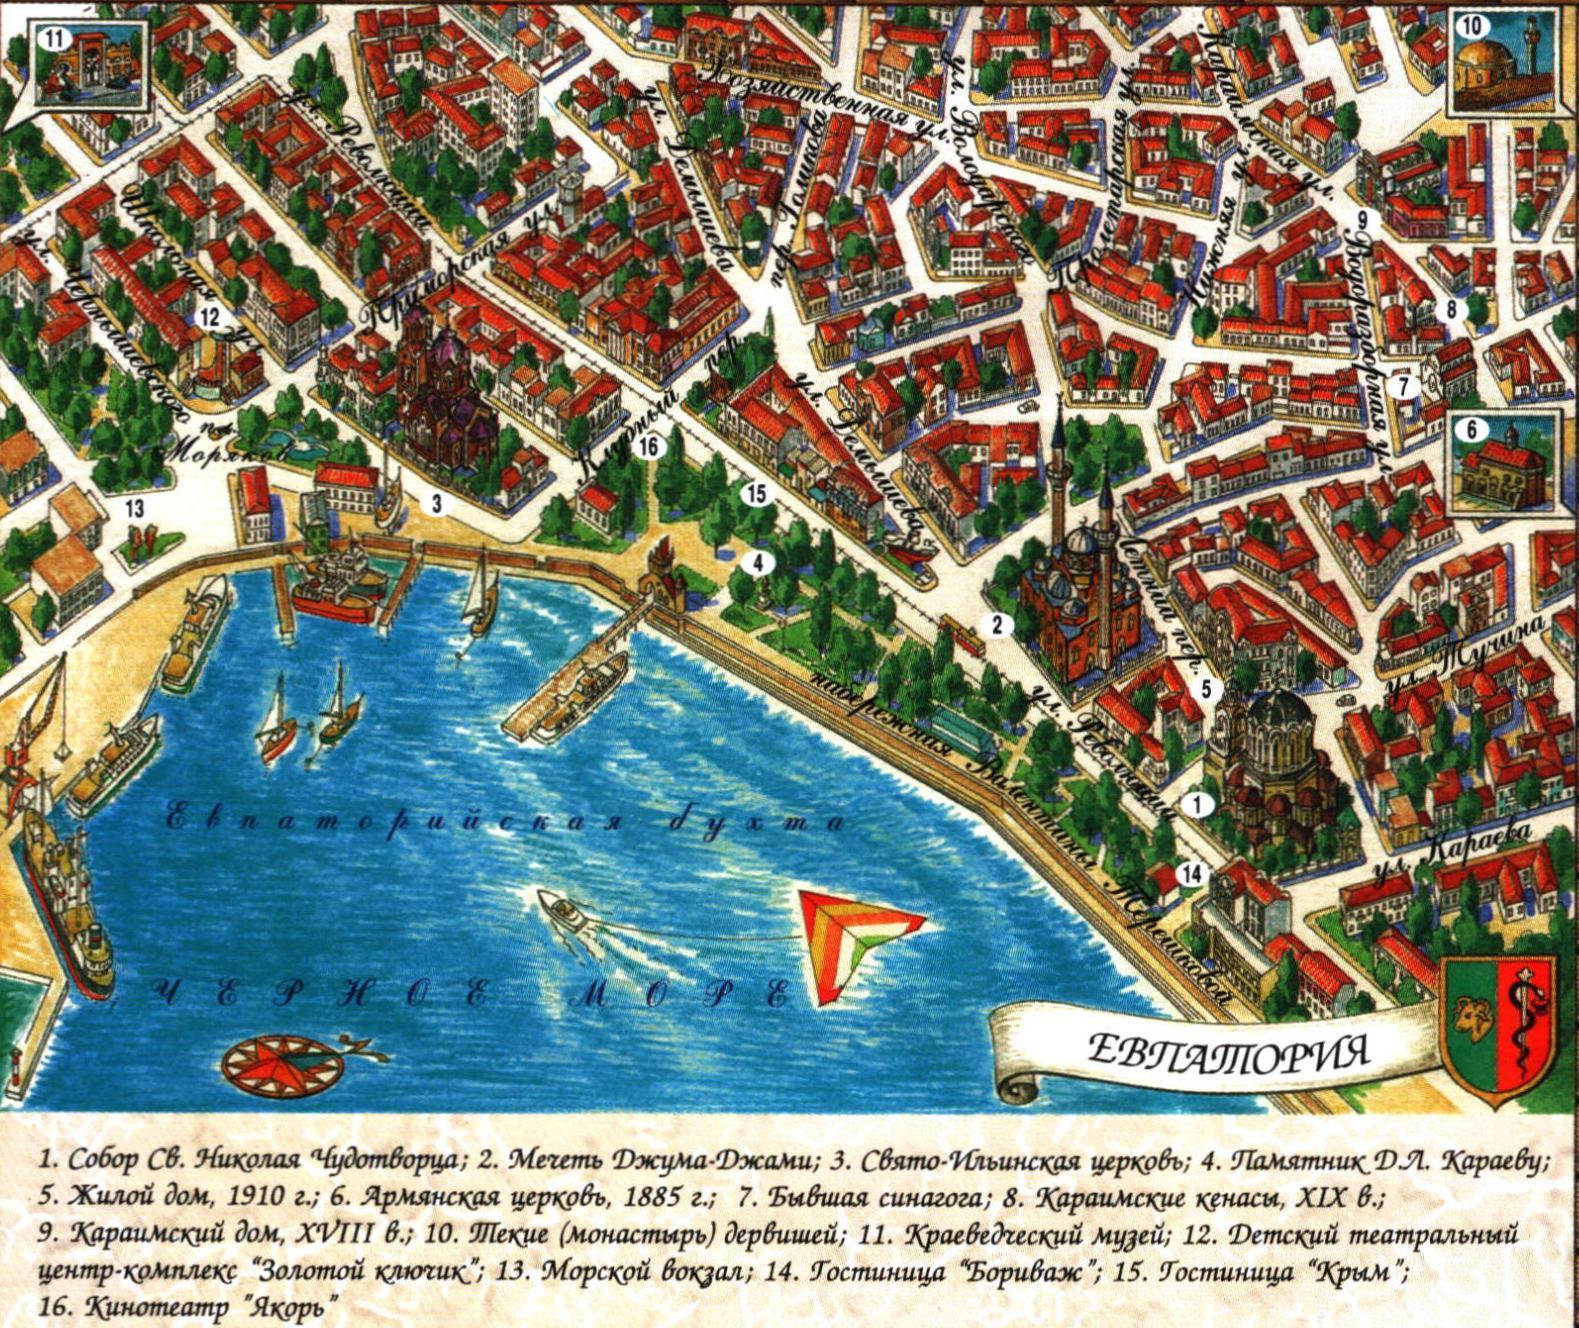 достопримечательности Евпатории на карте